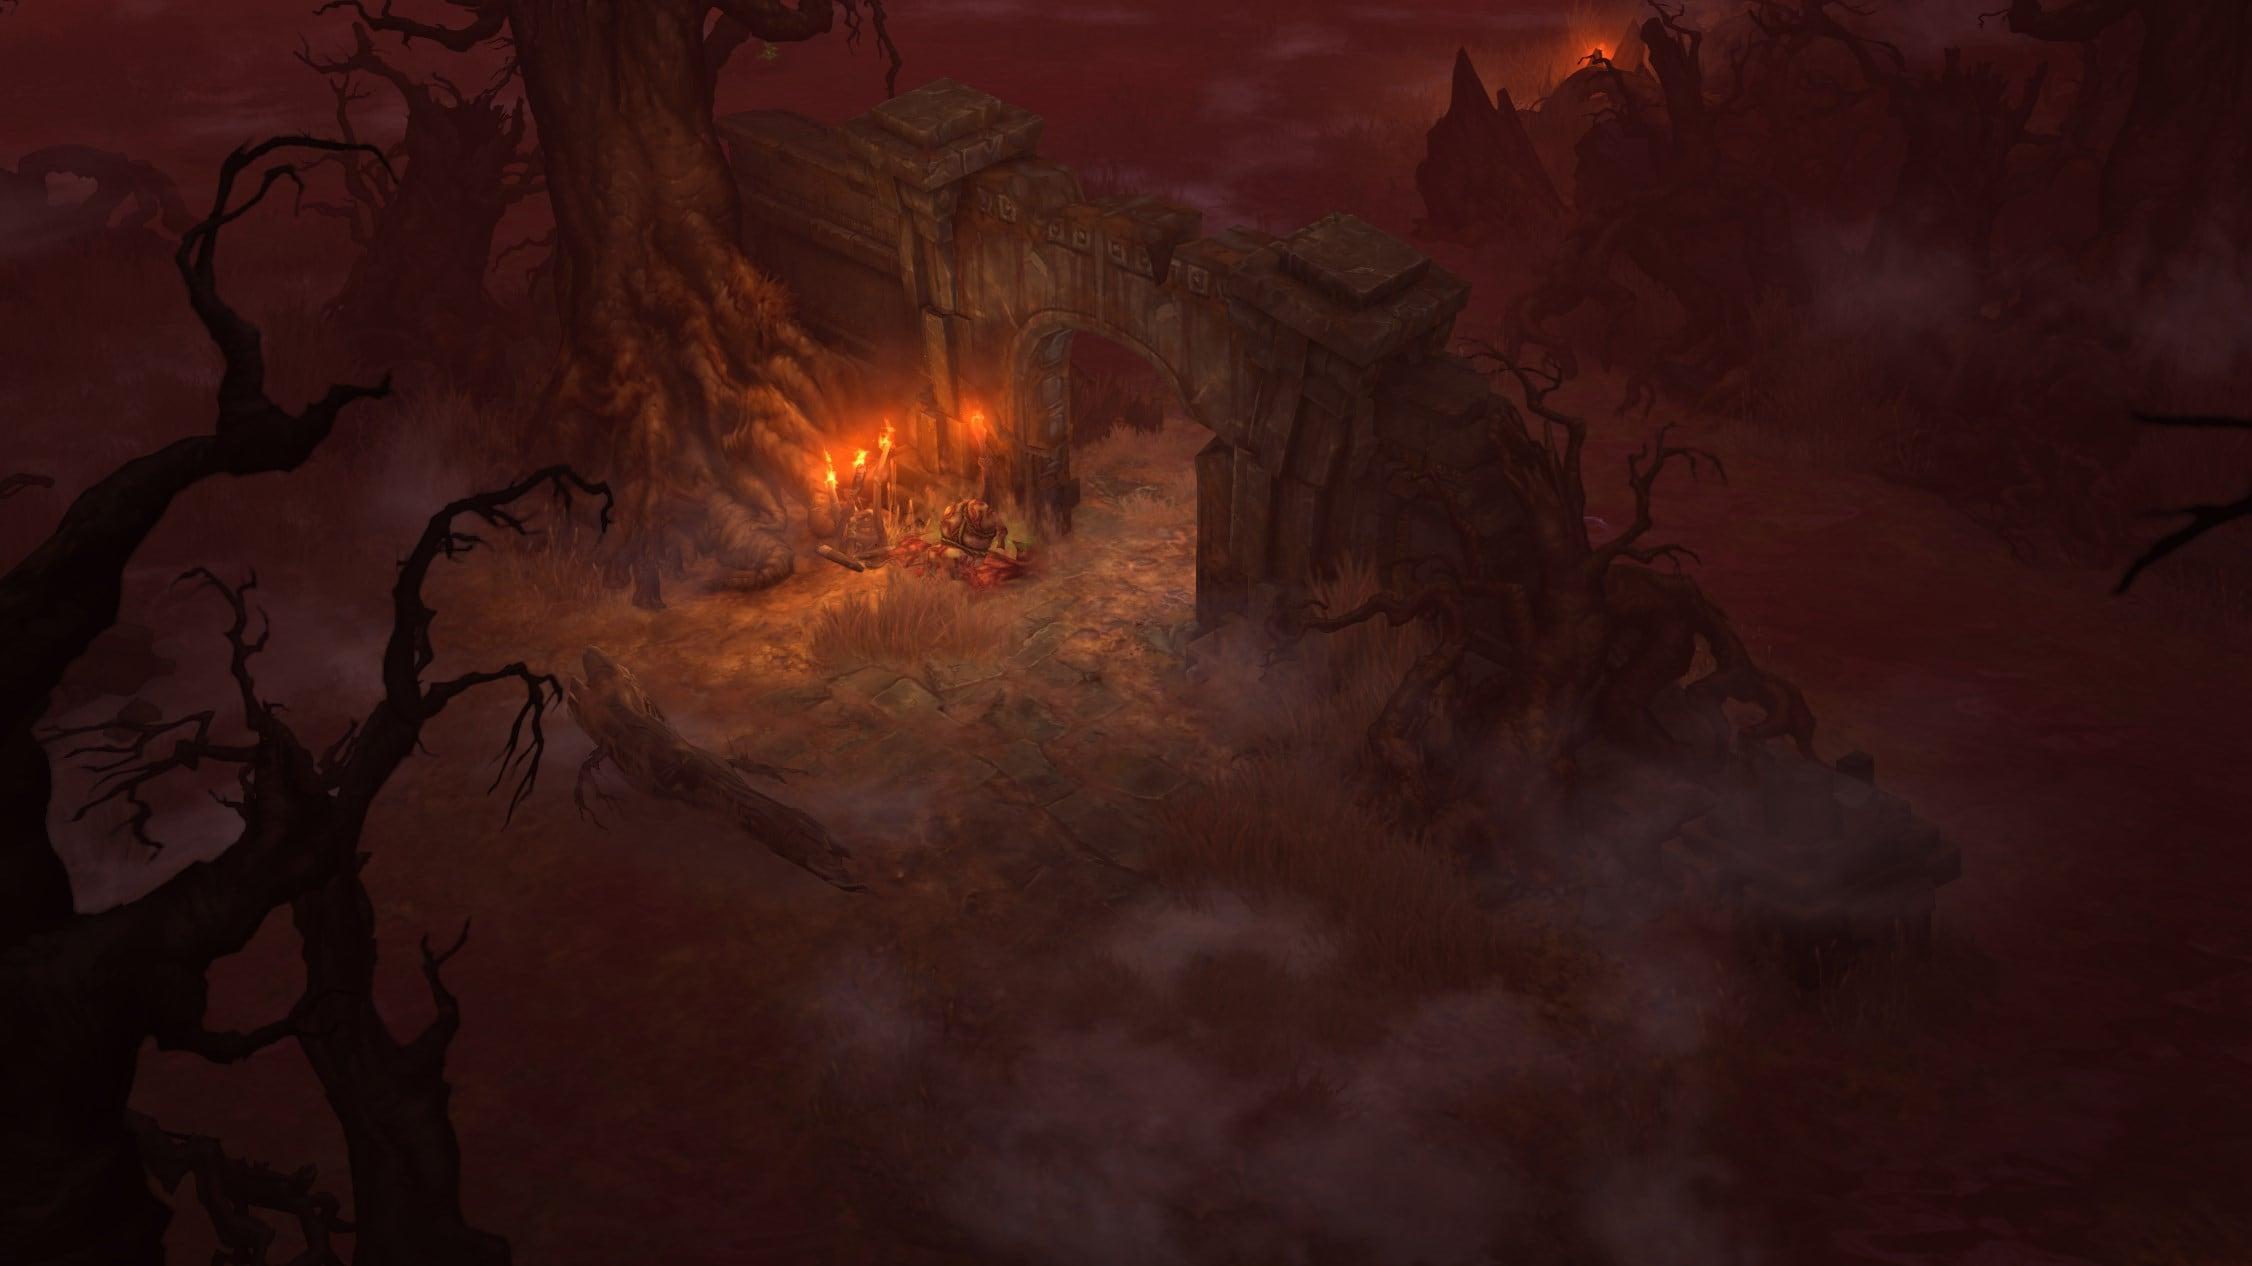 Diablo 3: Reaper of Souls – Collector's Edition (PC) - Battle.net Key - GLOBAL - 2